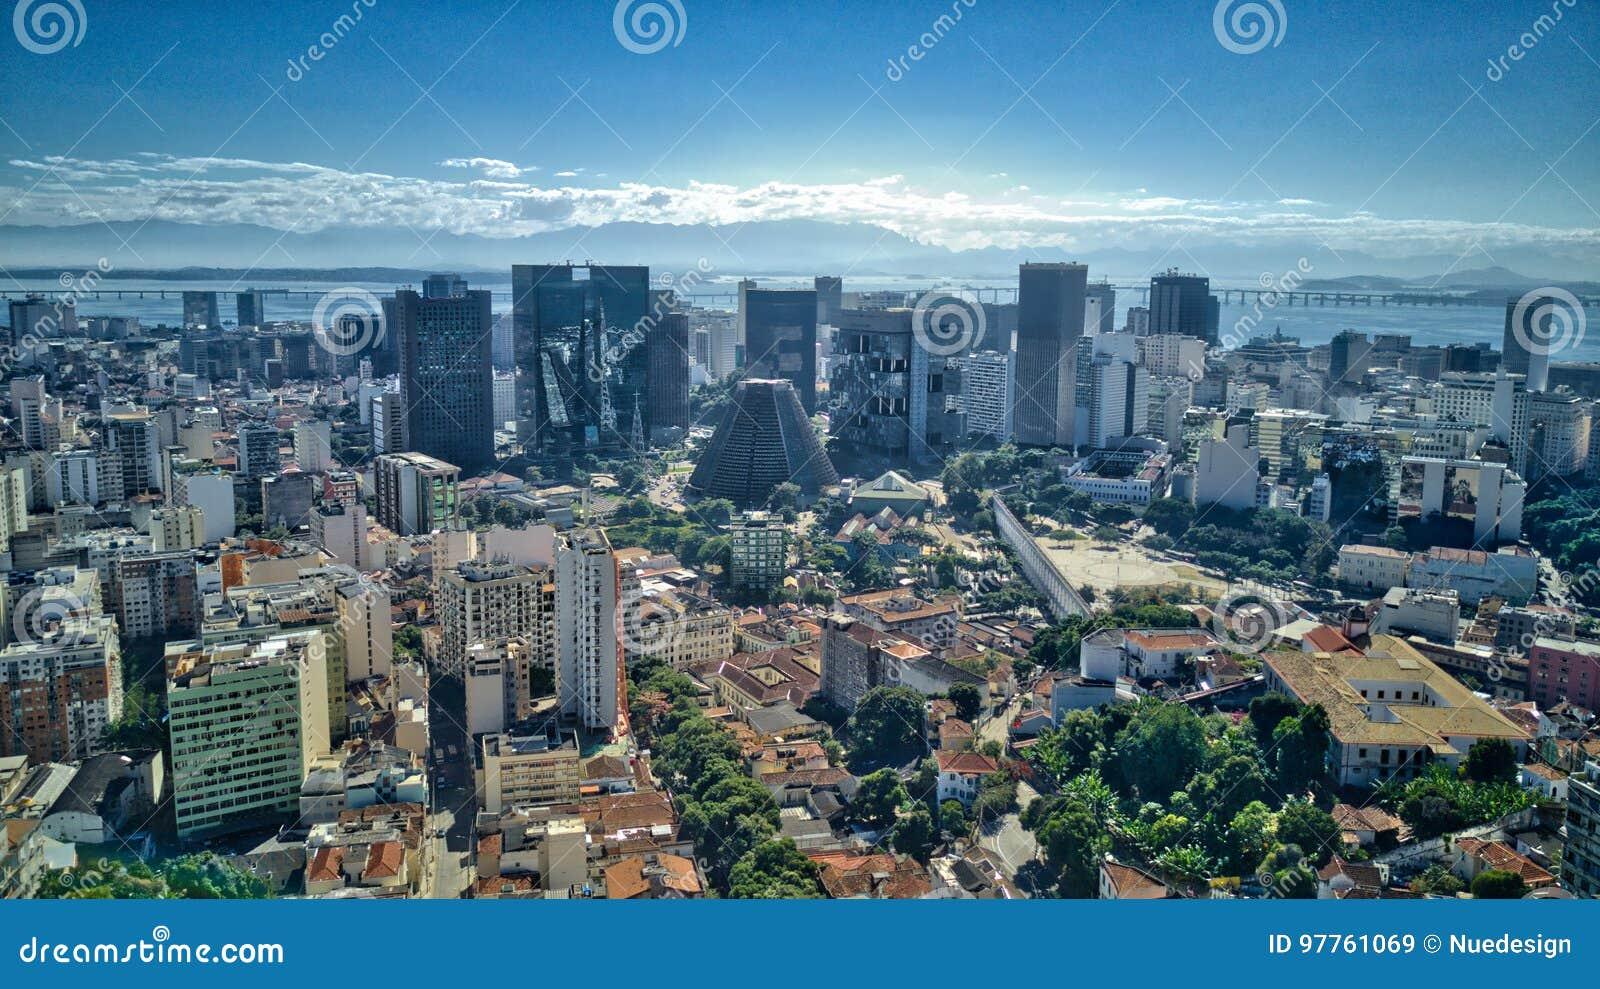 Rio de Janeiro - Downtown